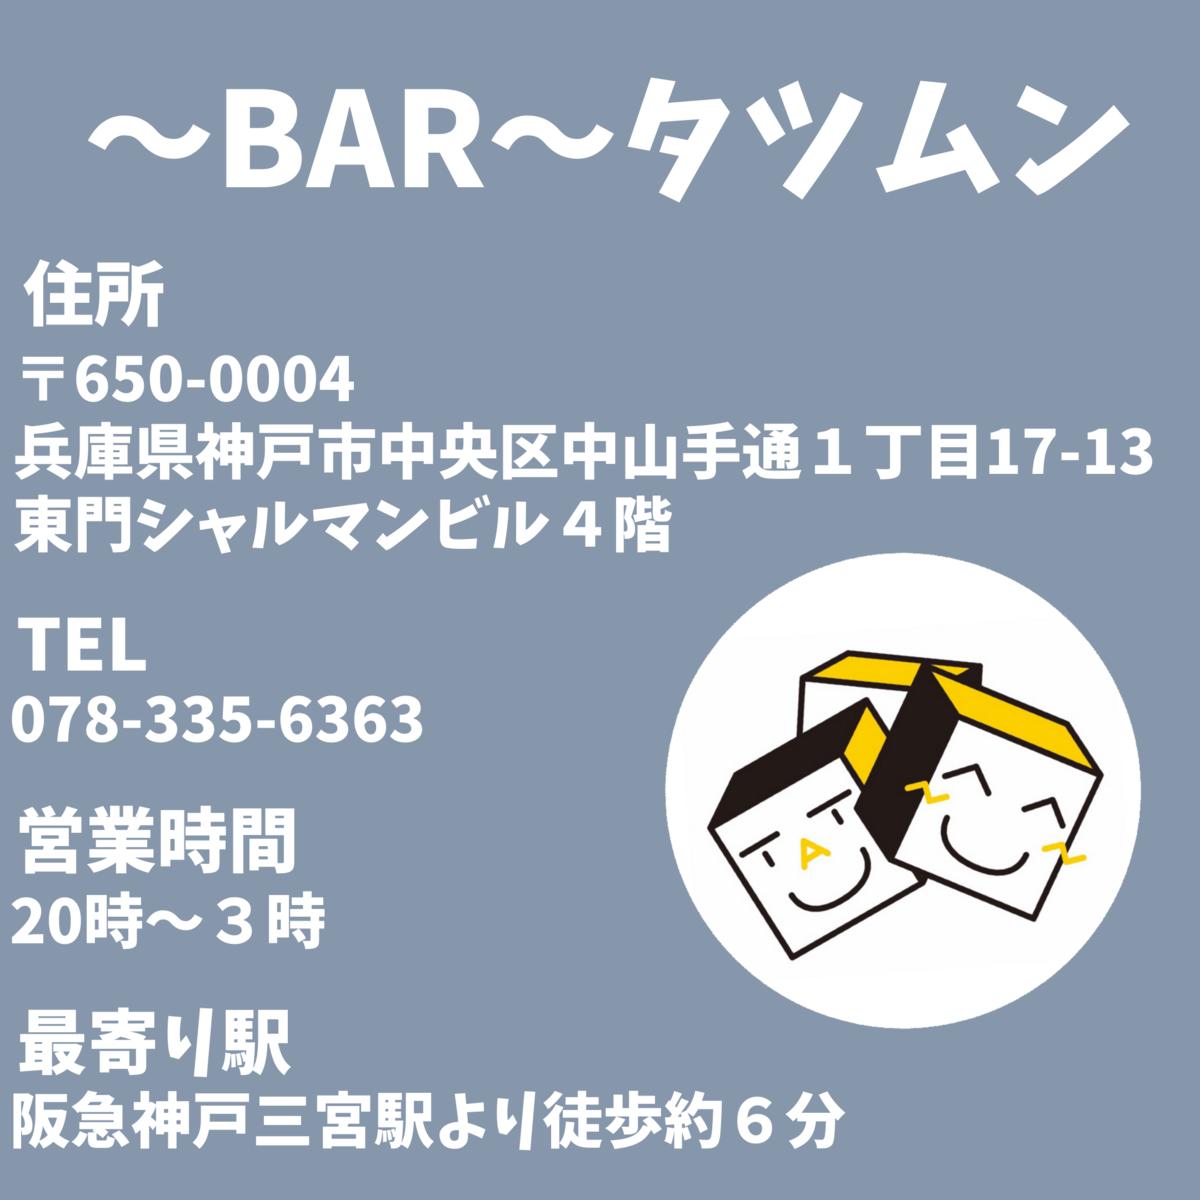 f:id:tatsumun:20210122183327p:plain